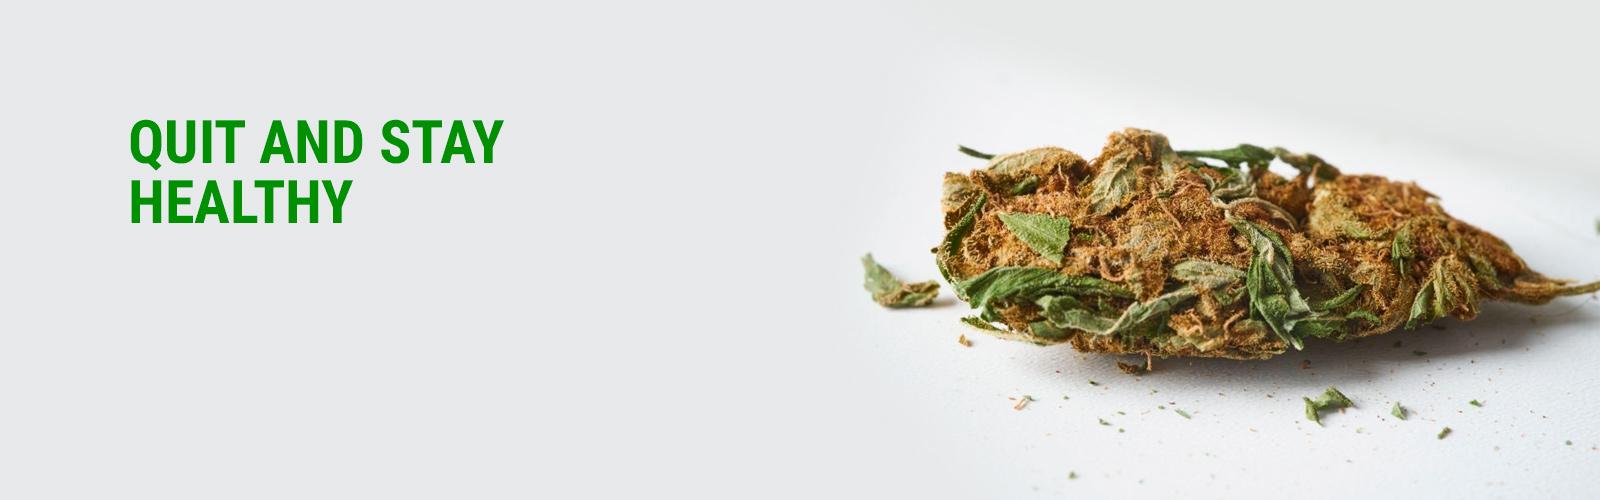 Marijuana-Addiction-Treatment-lahore